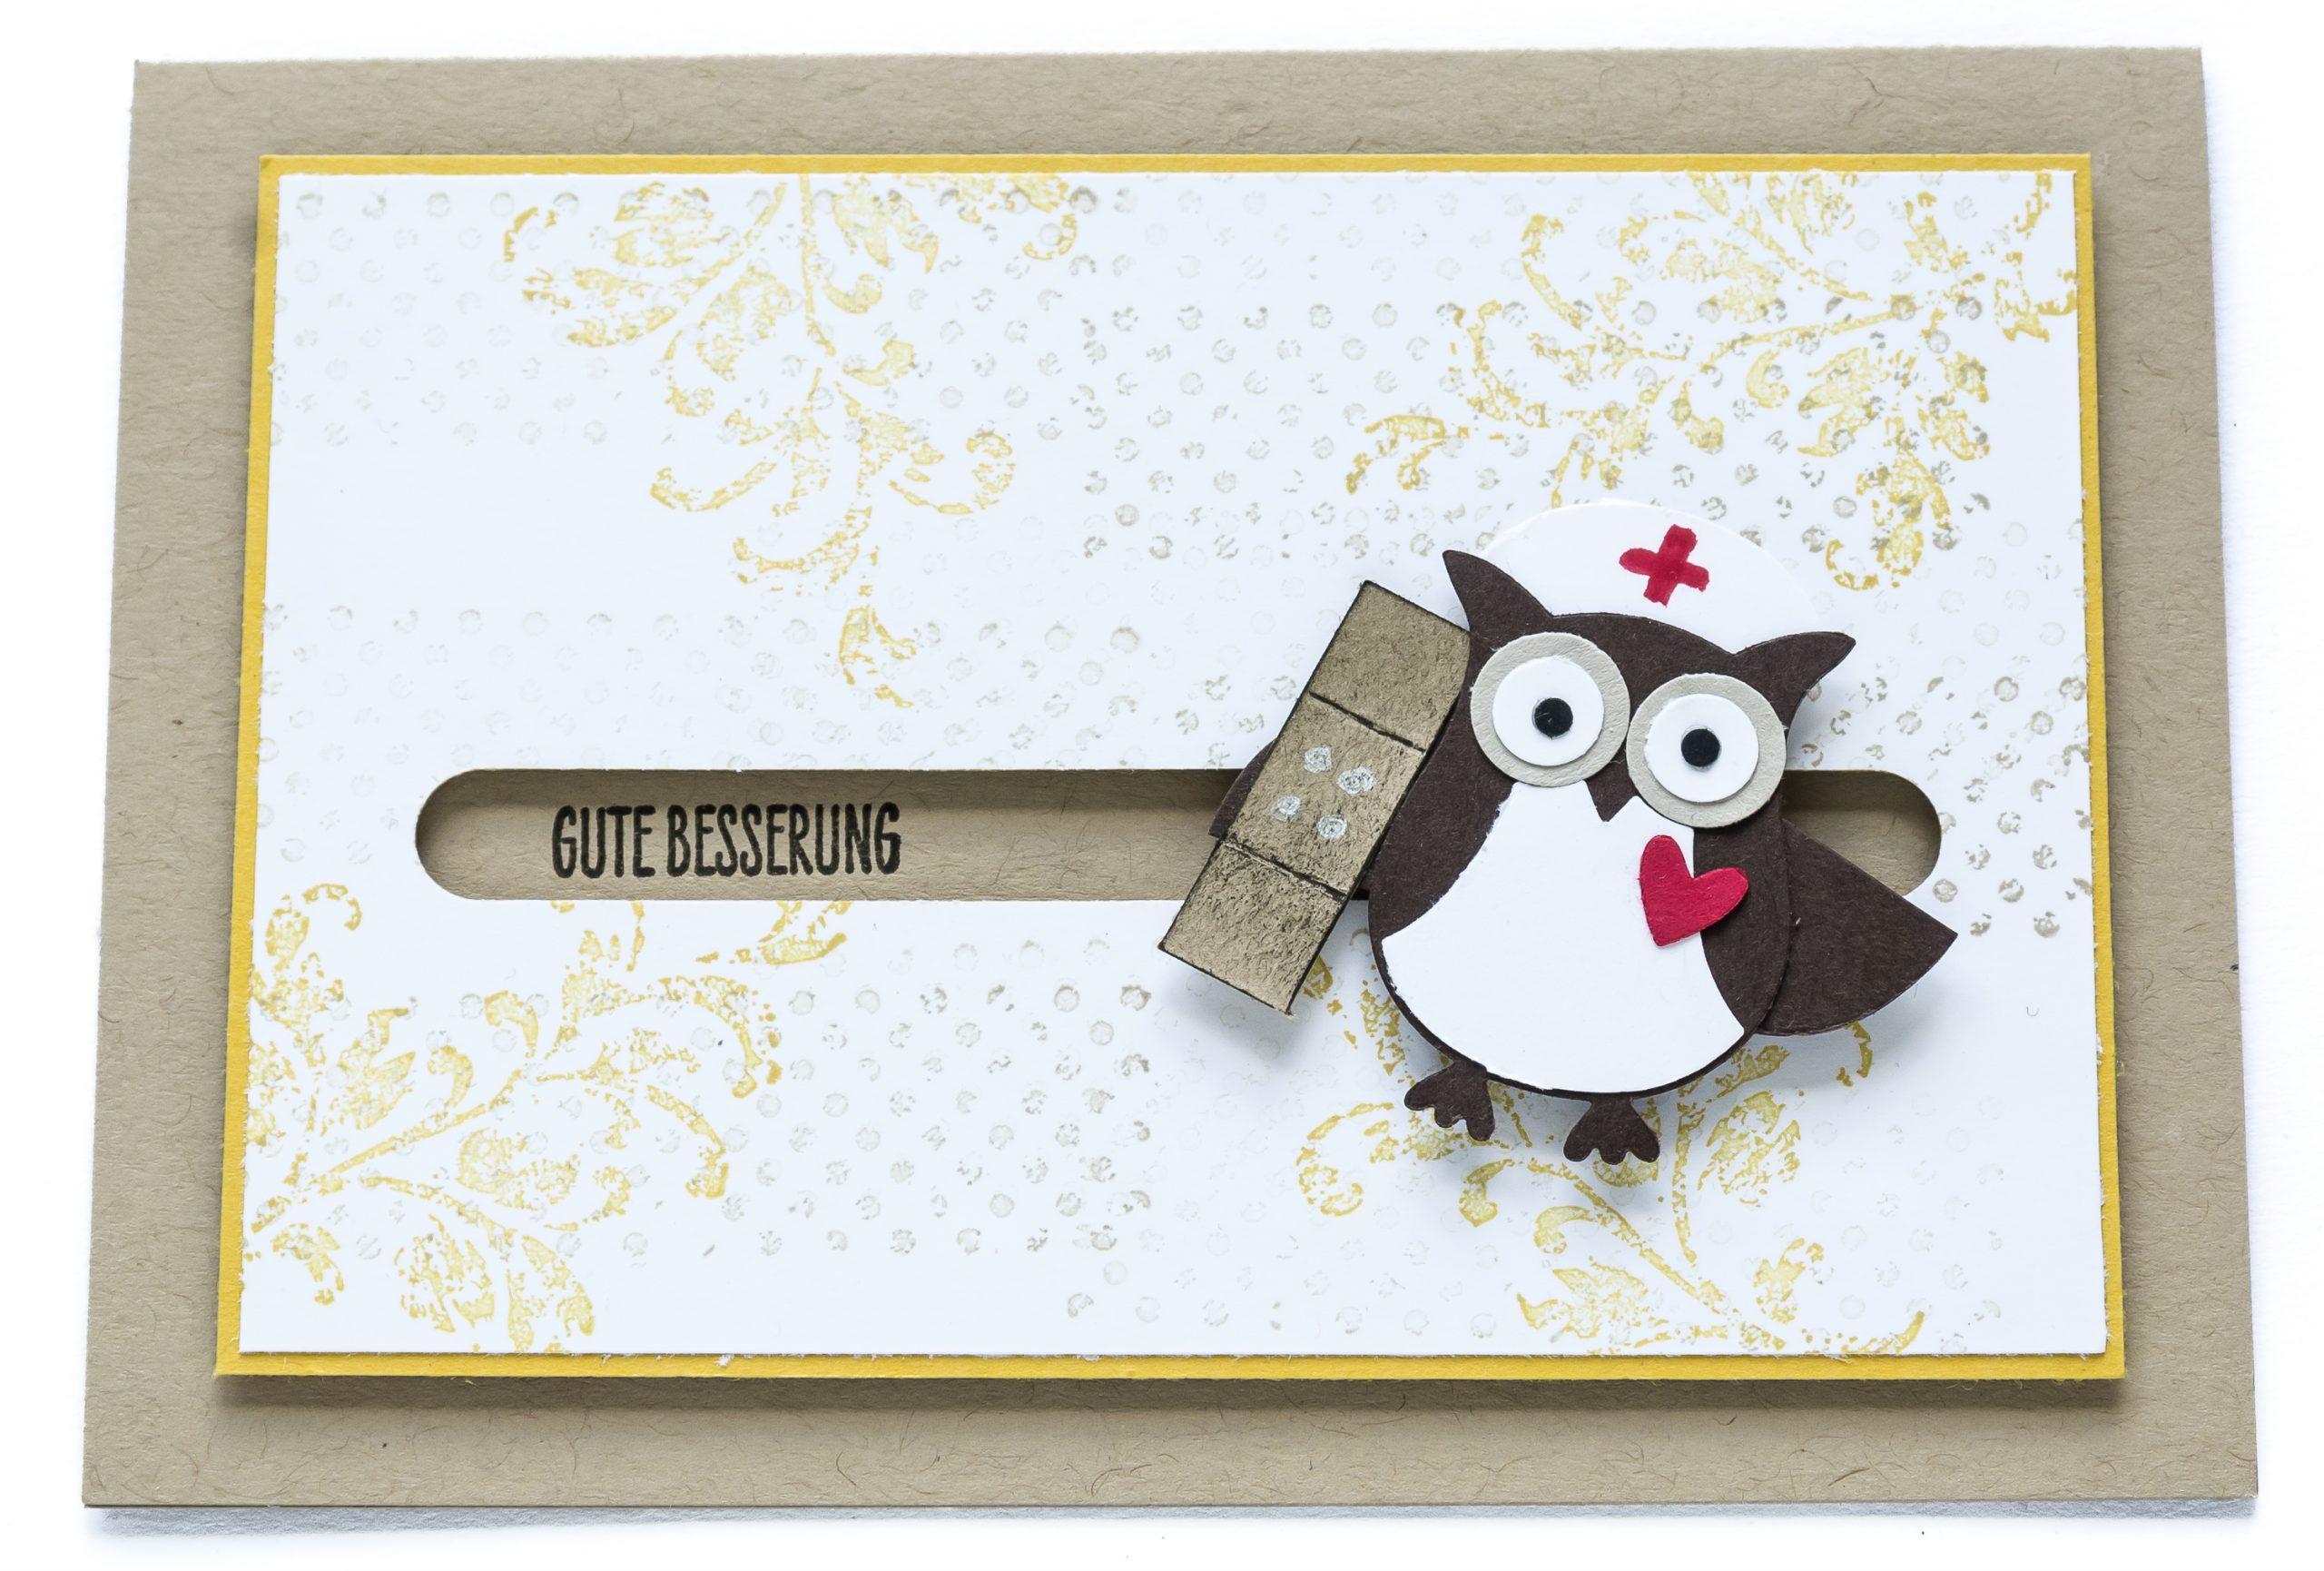 Grußkarte Gute Besserung Krankenschwester-Front liegend